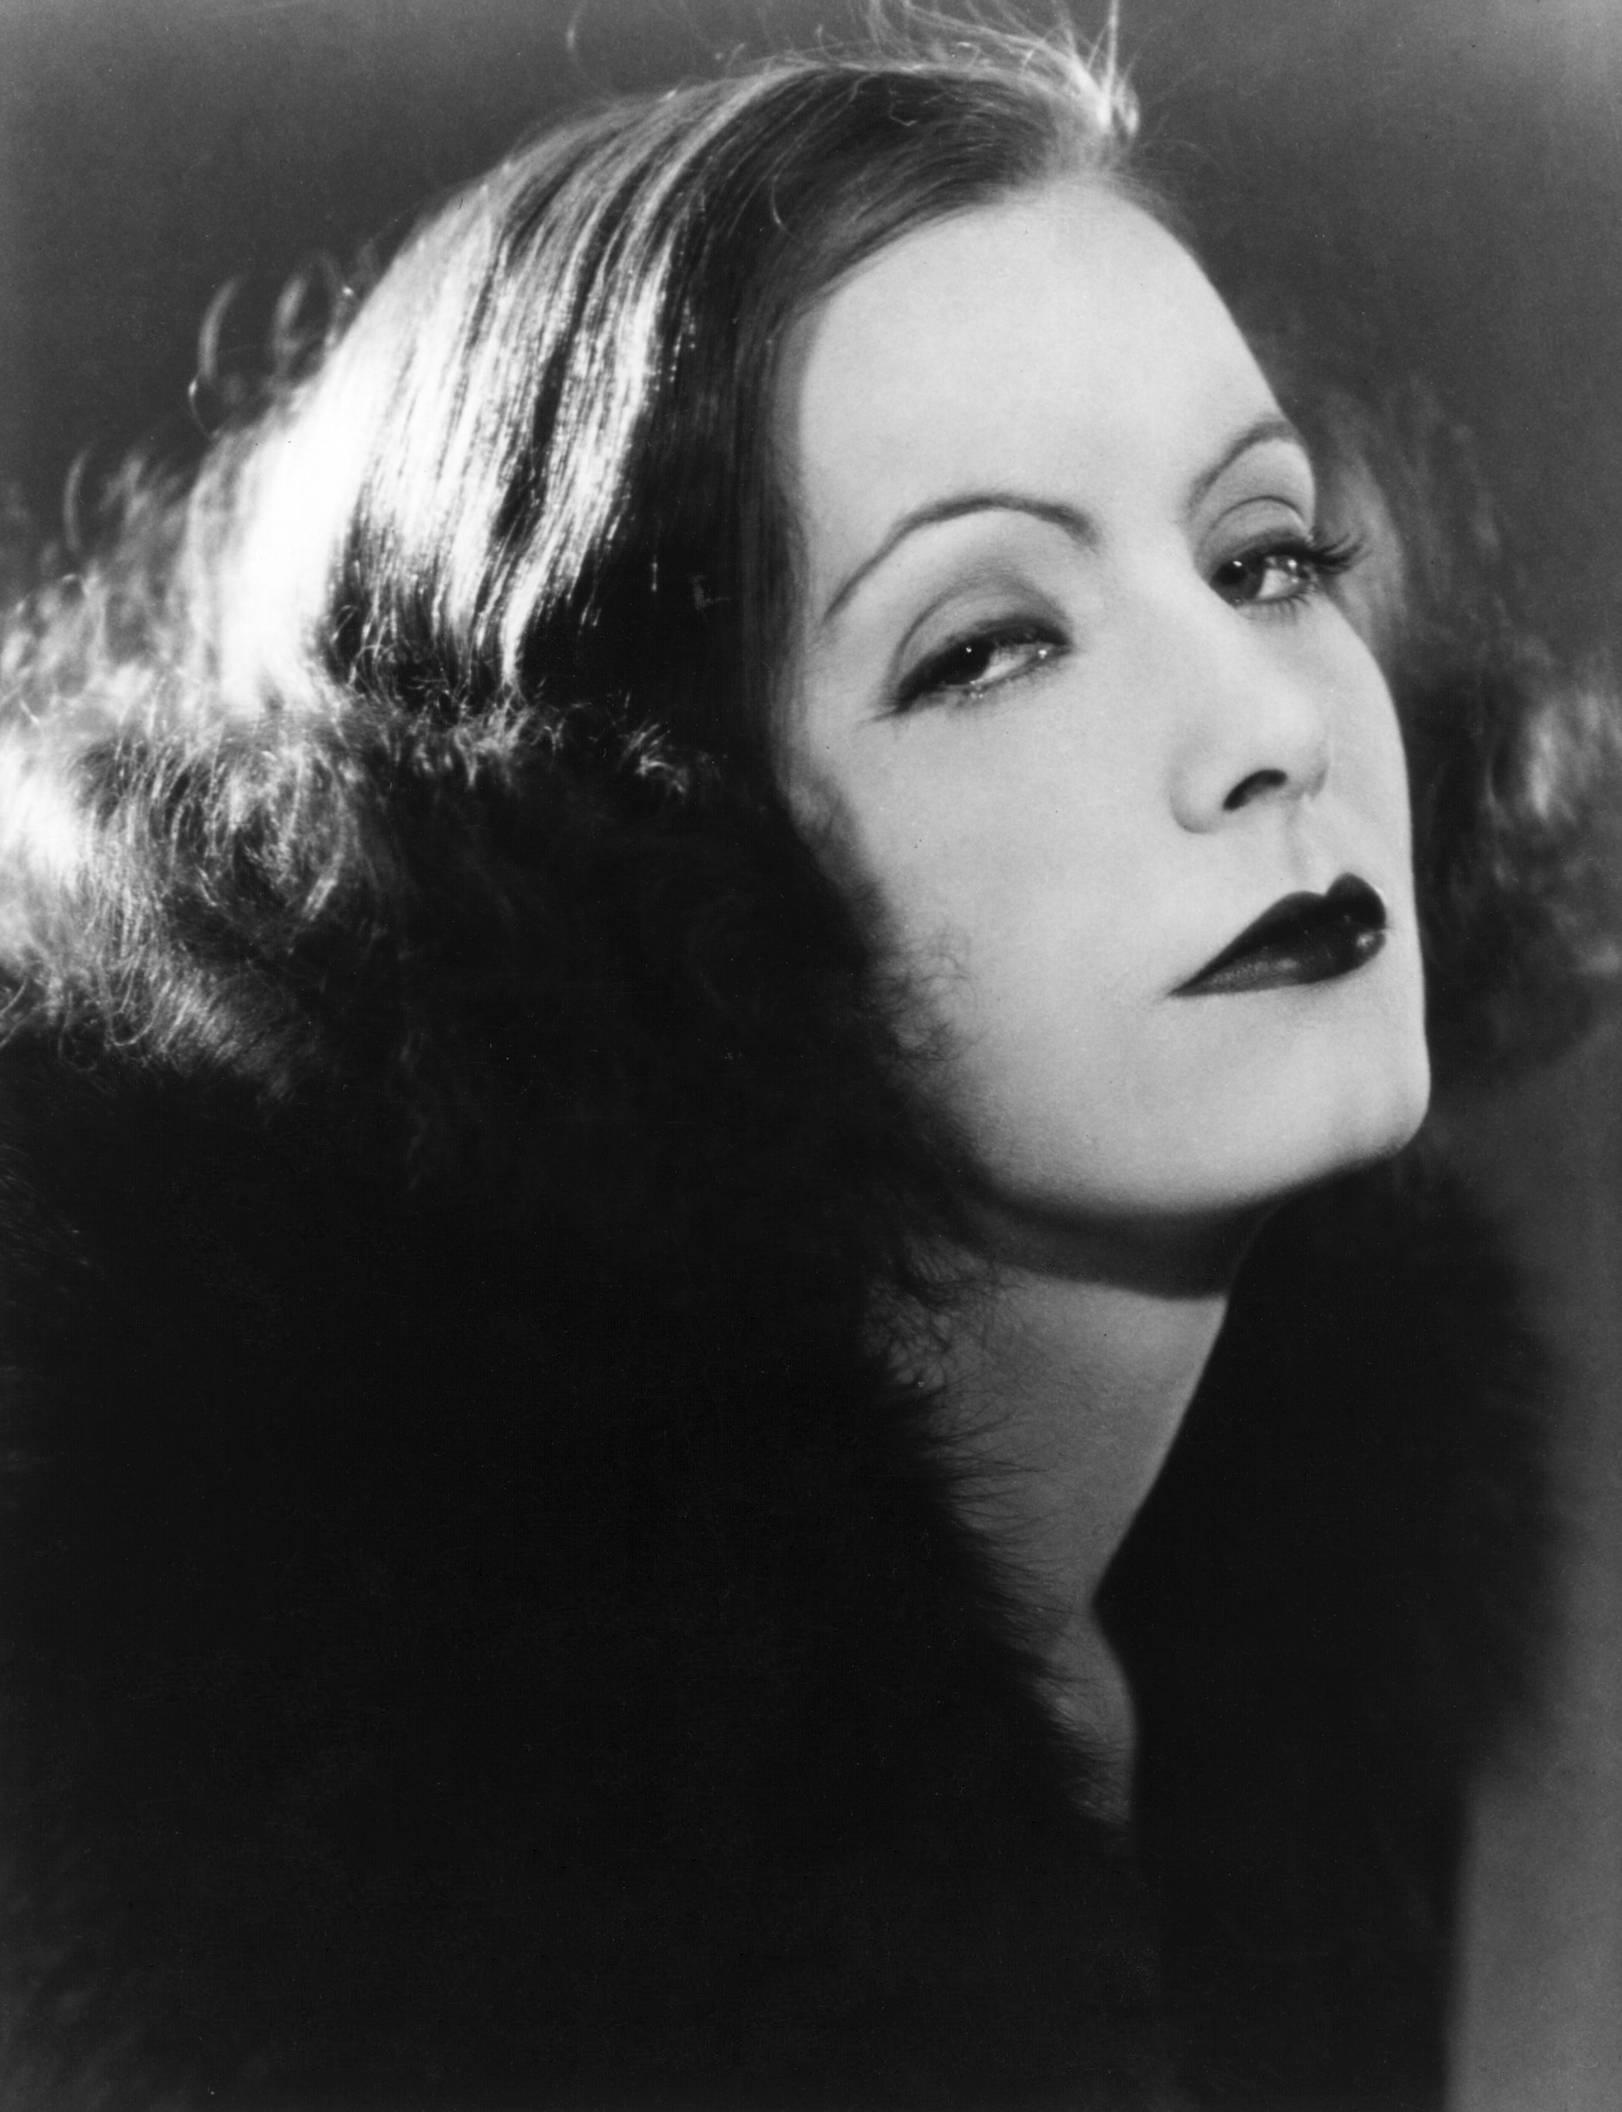 Greta Garbo - About Greta Garbo, Bette said,